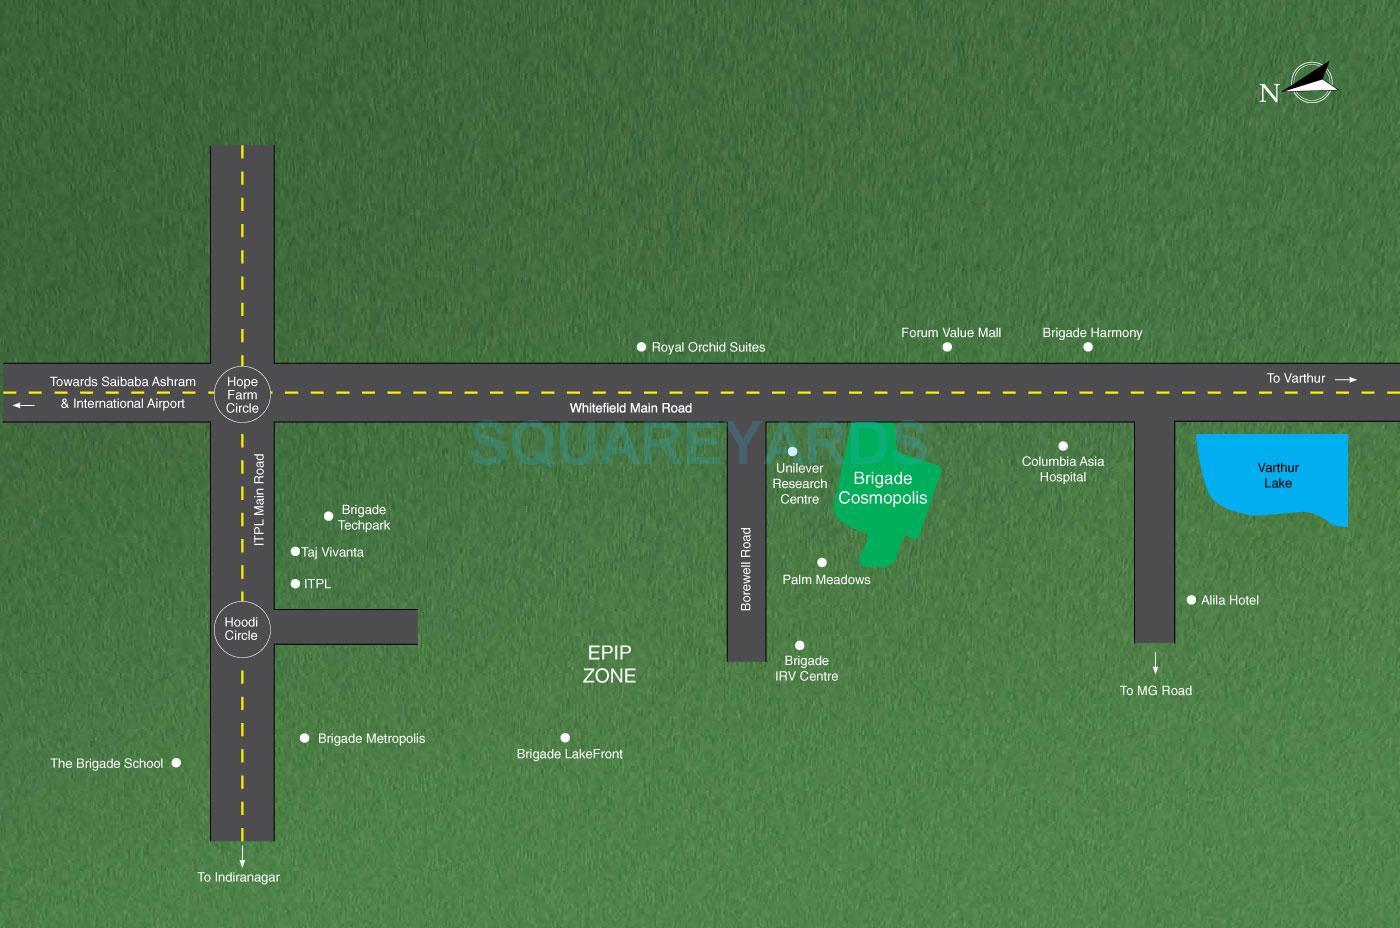 brigade cosmopolis location image1